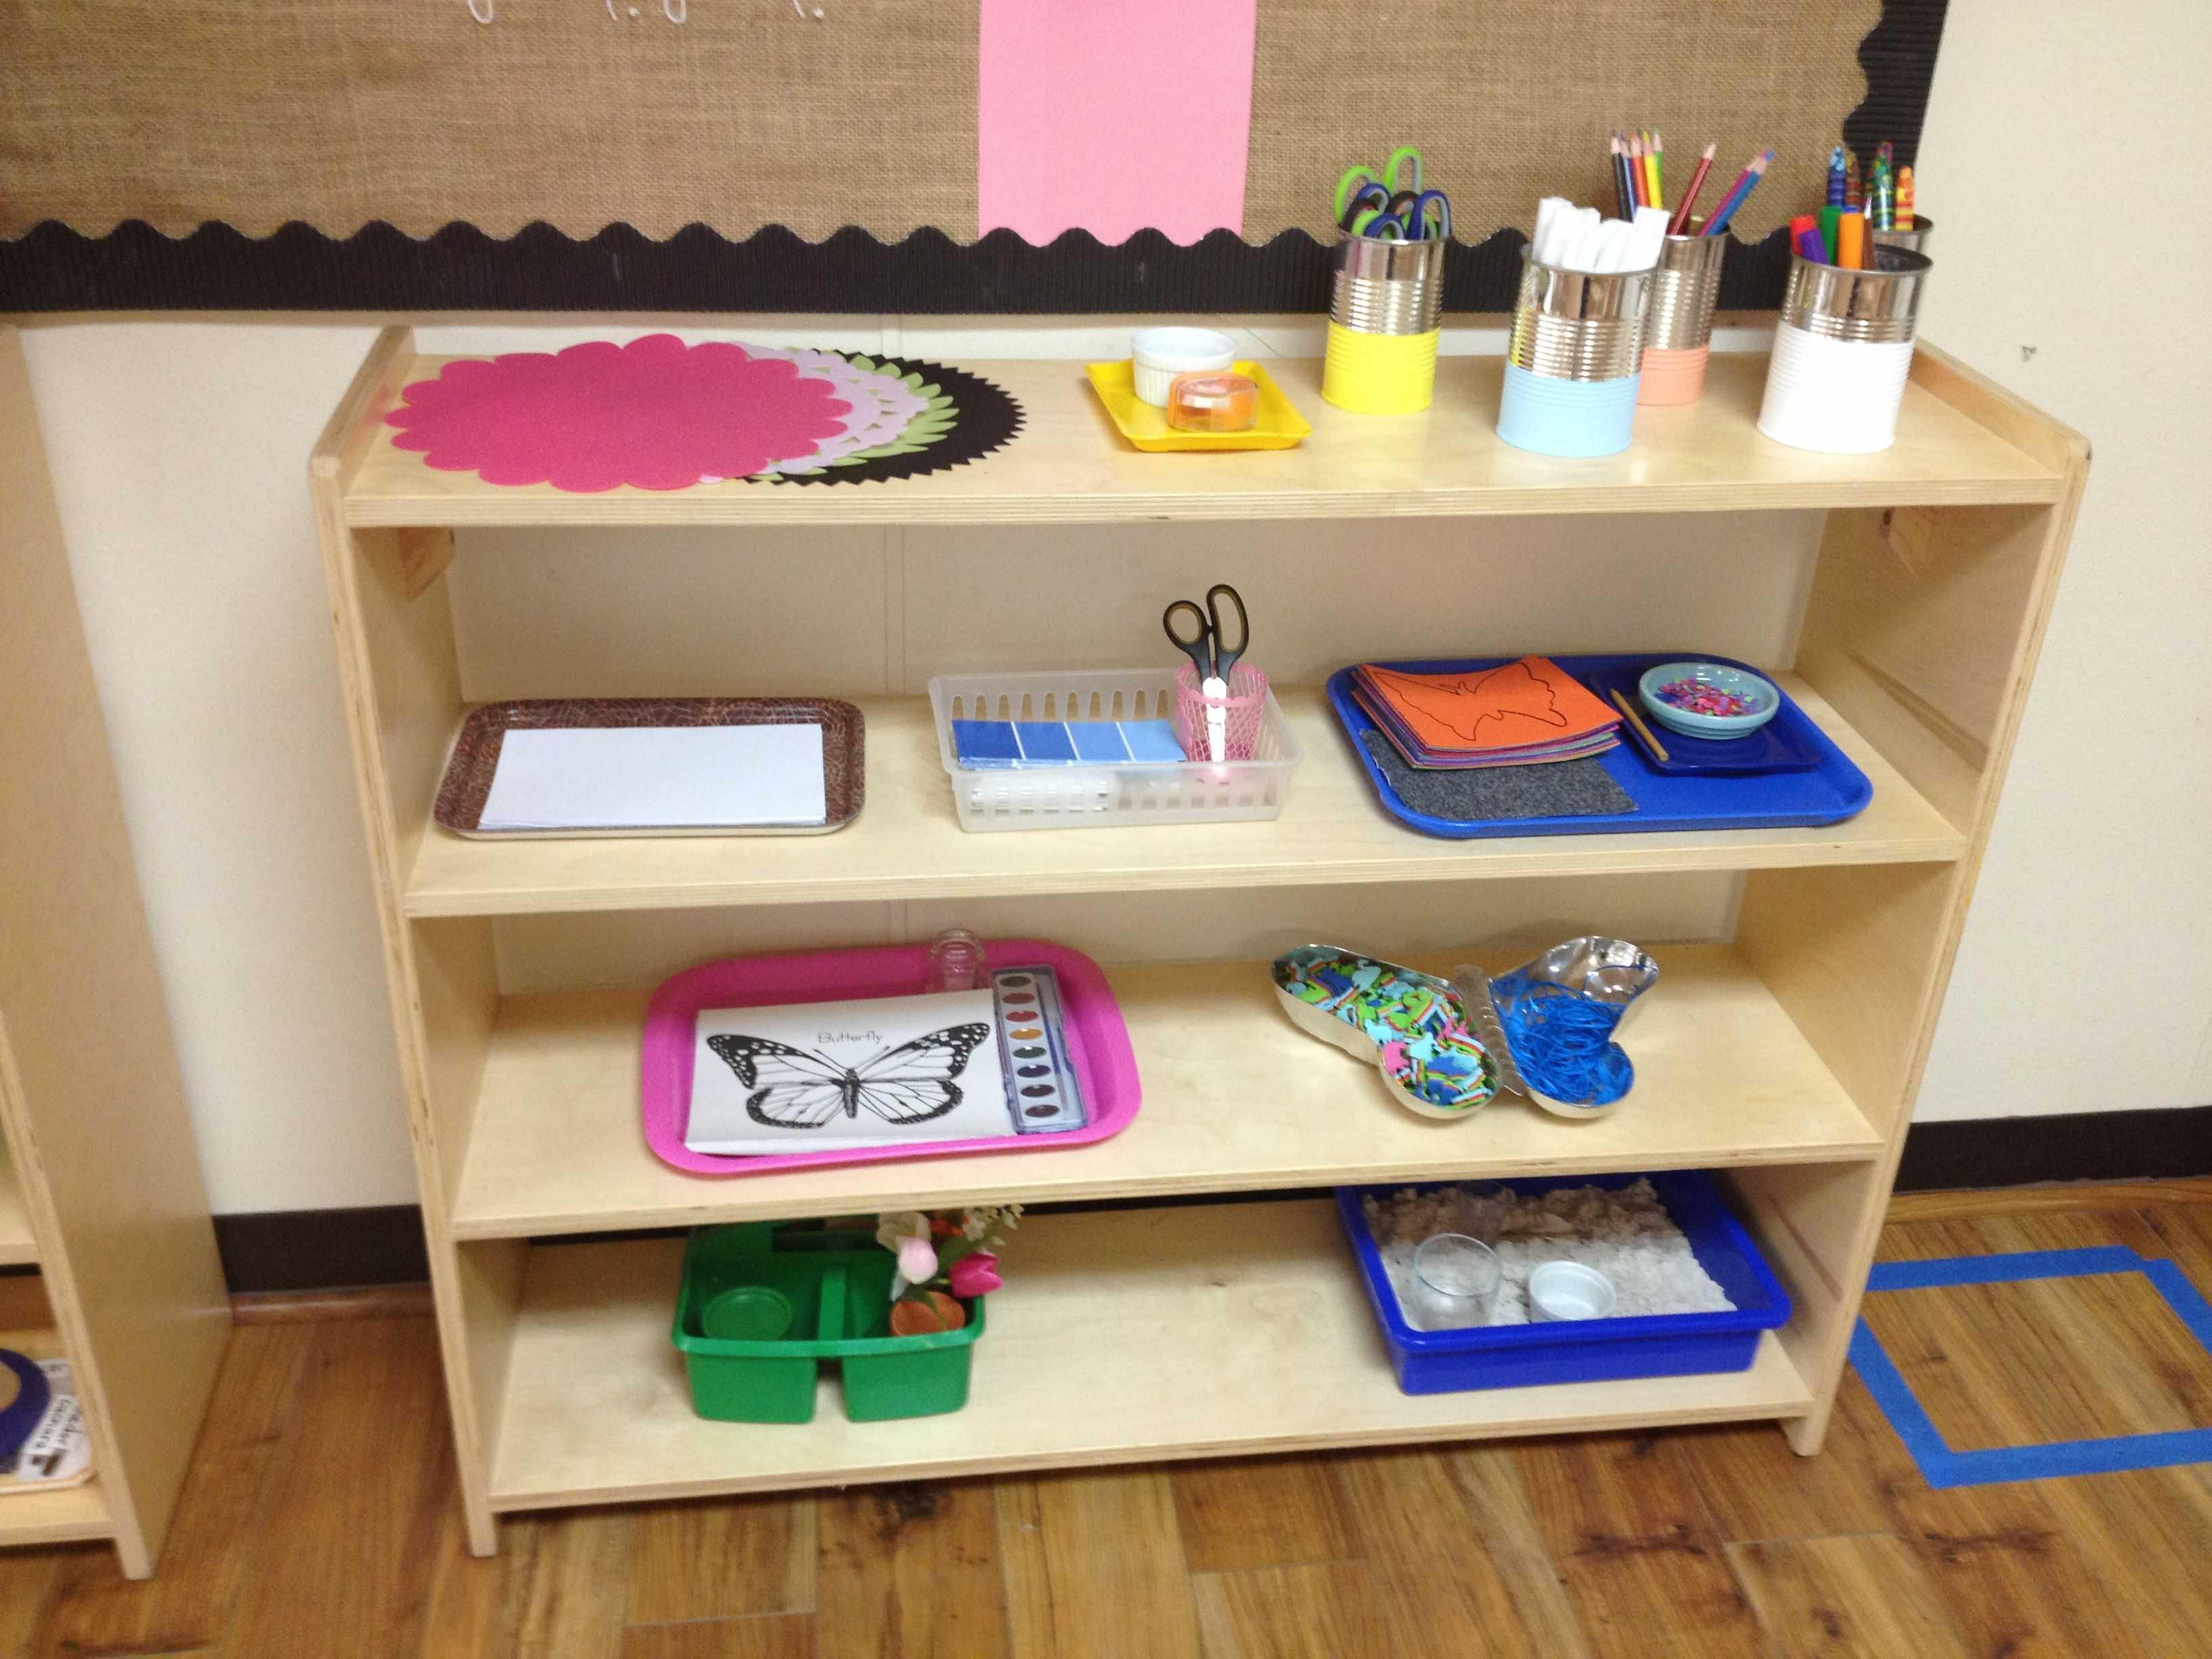 Монтессори у вас дома: создание развивающего пространства и дидактических материалов своими руками